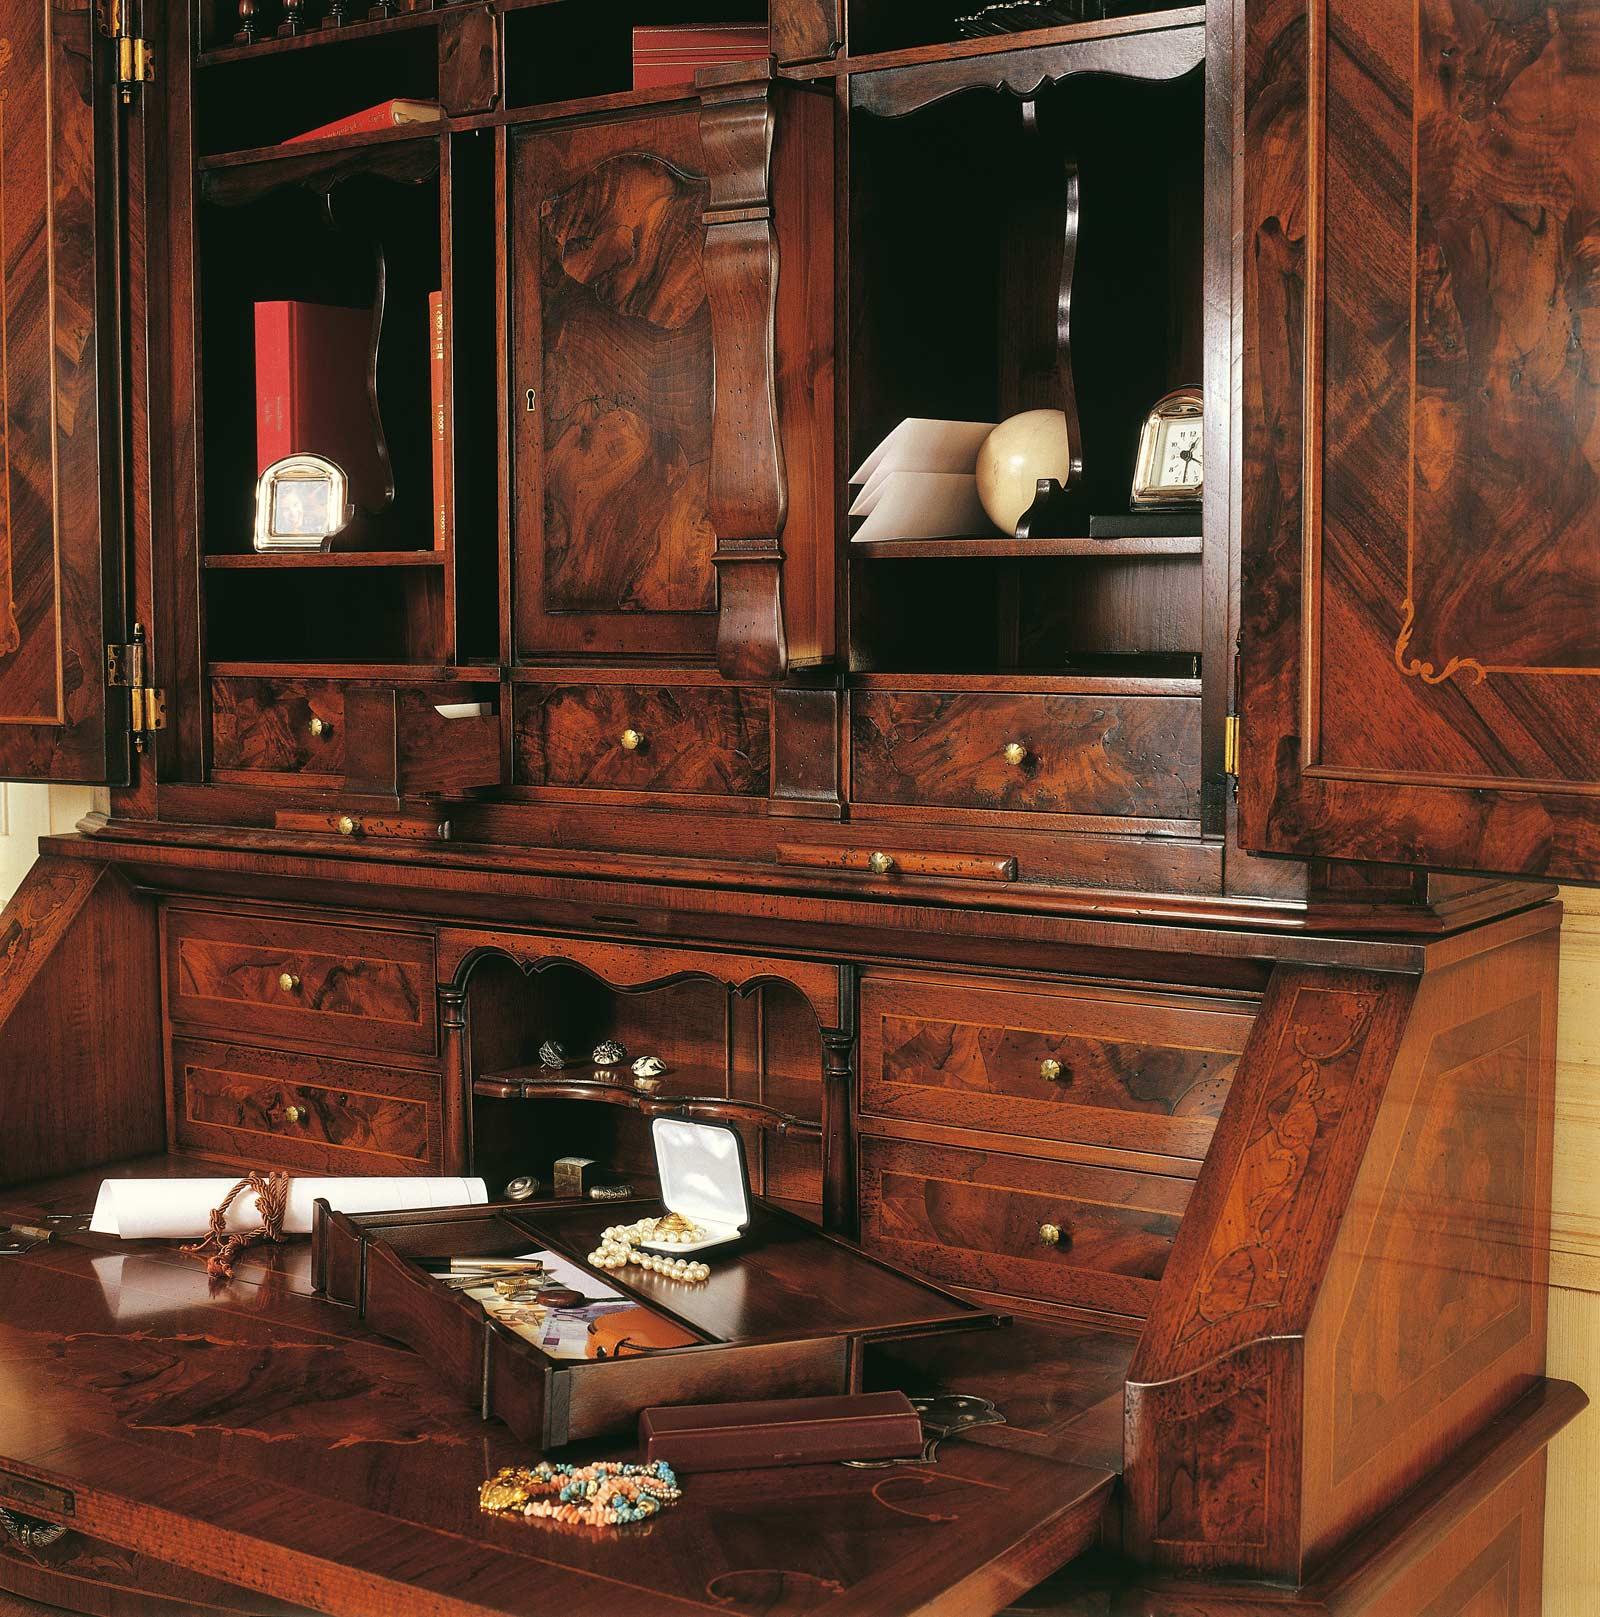 Collezione mobili classici in stile 700 lombardo, bureau con scrittoio  Vimercati Meda